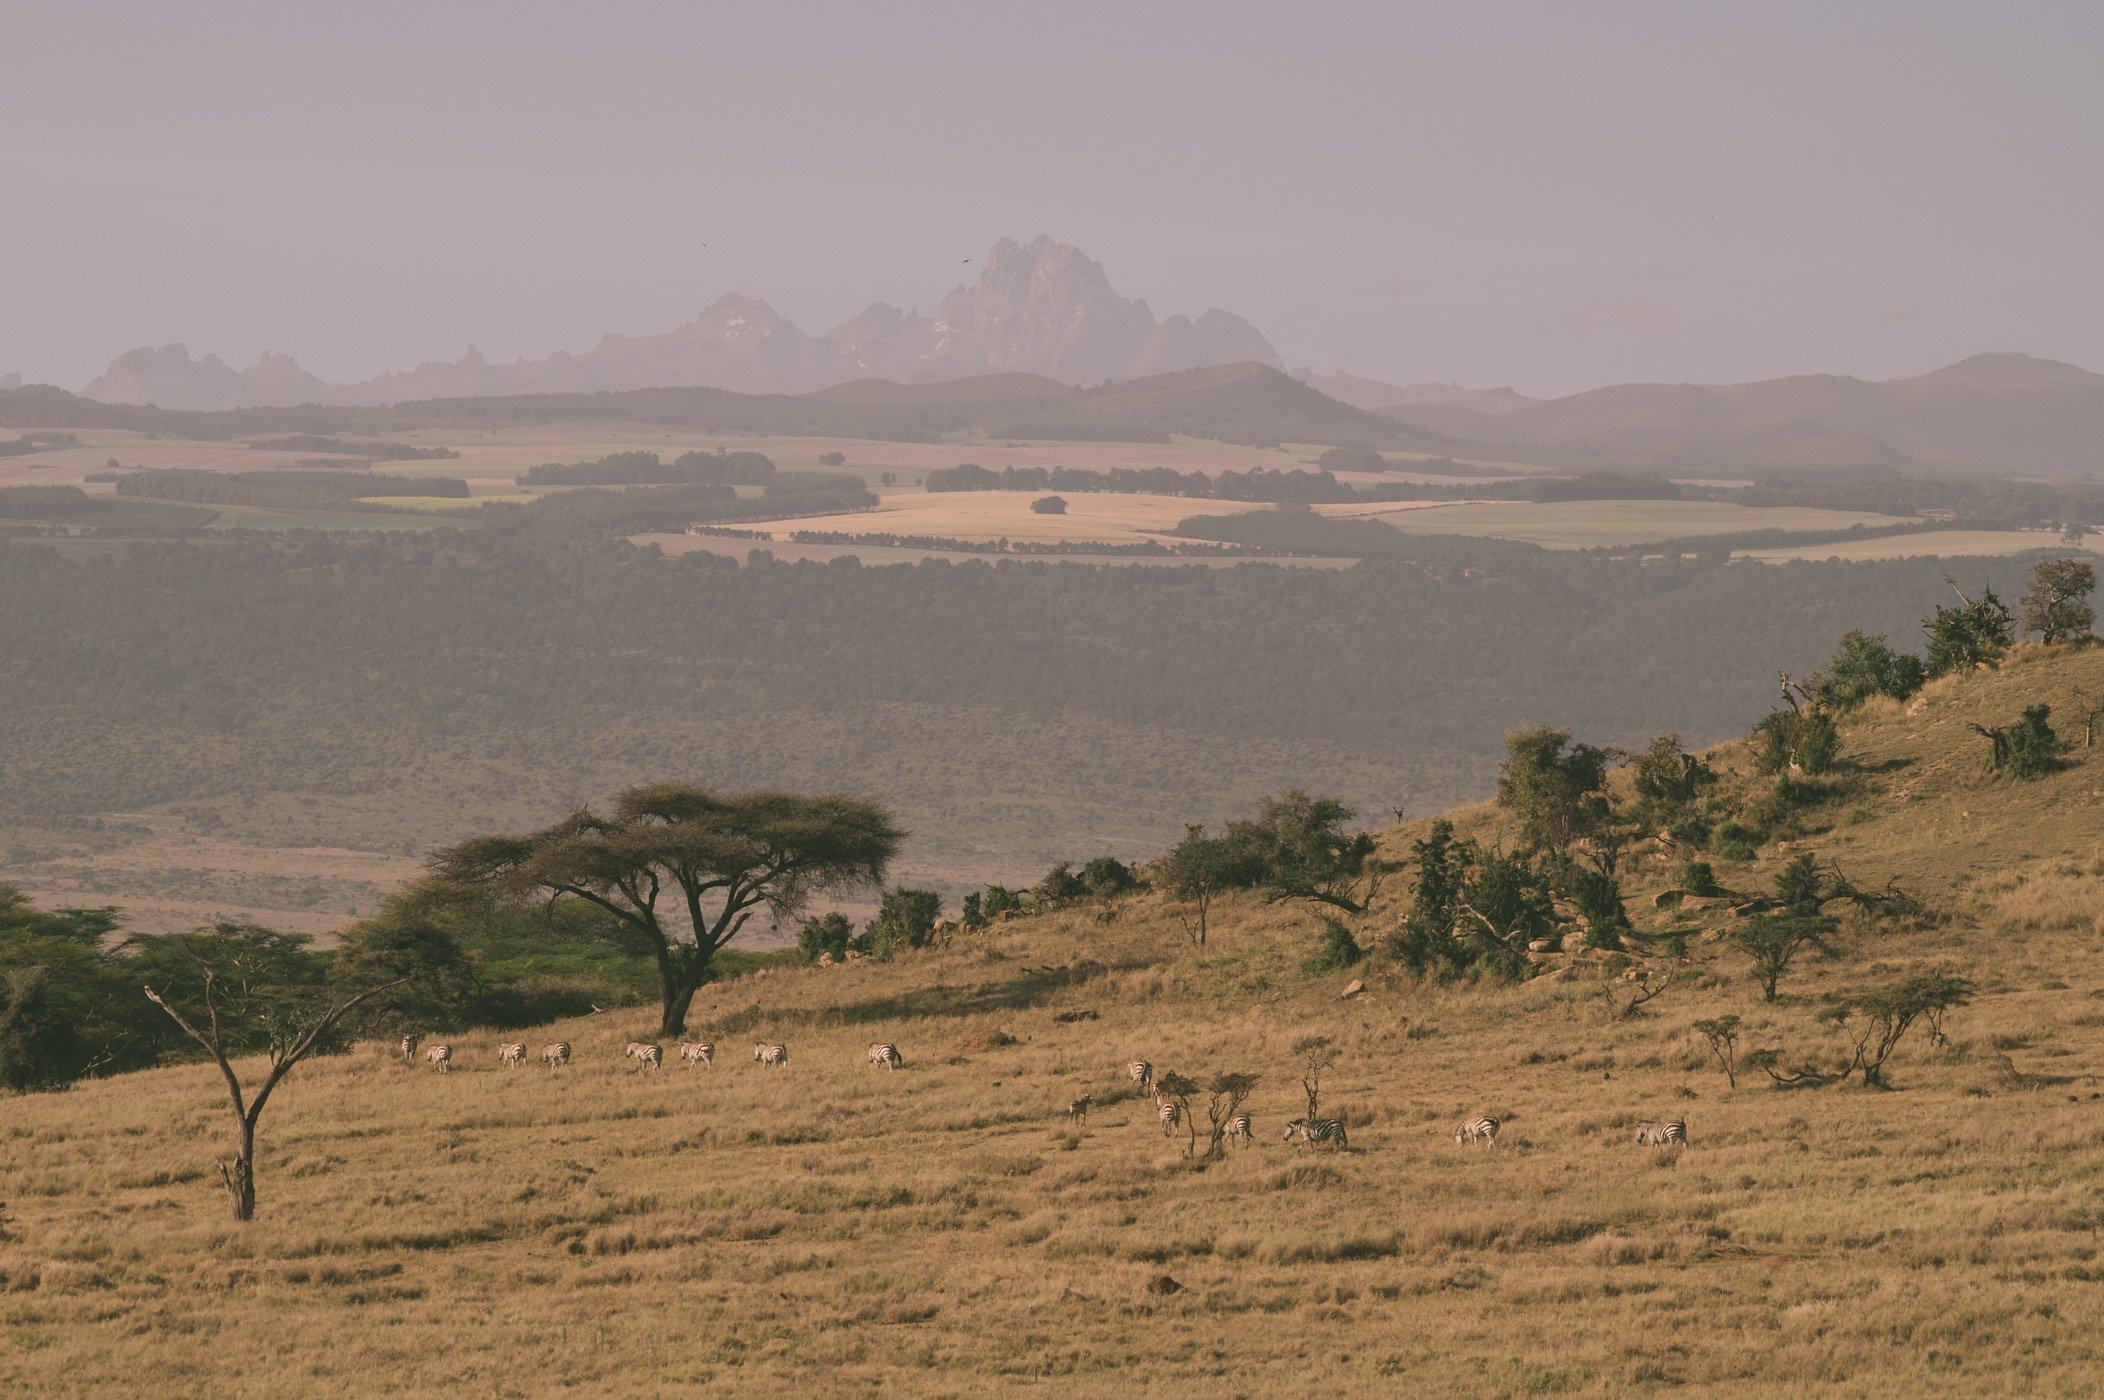 Mount Kenya as seen from Lewa Conservancy Kenya